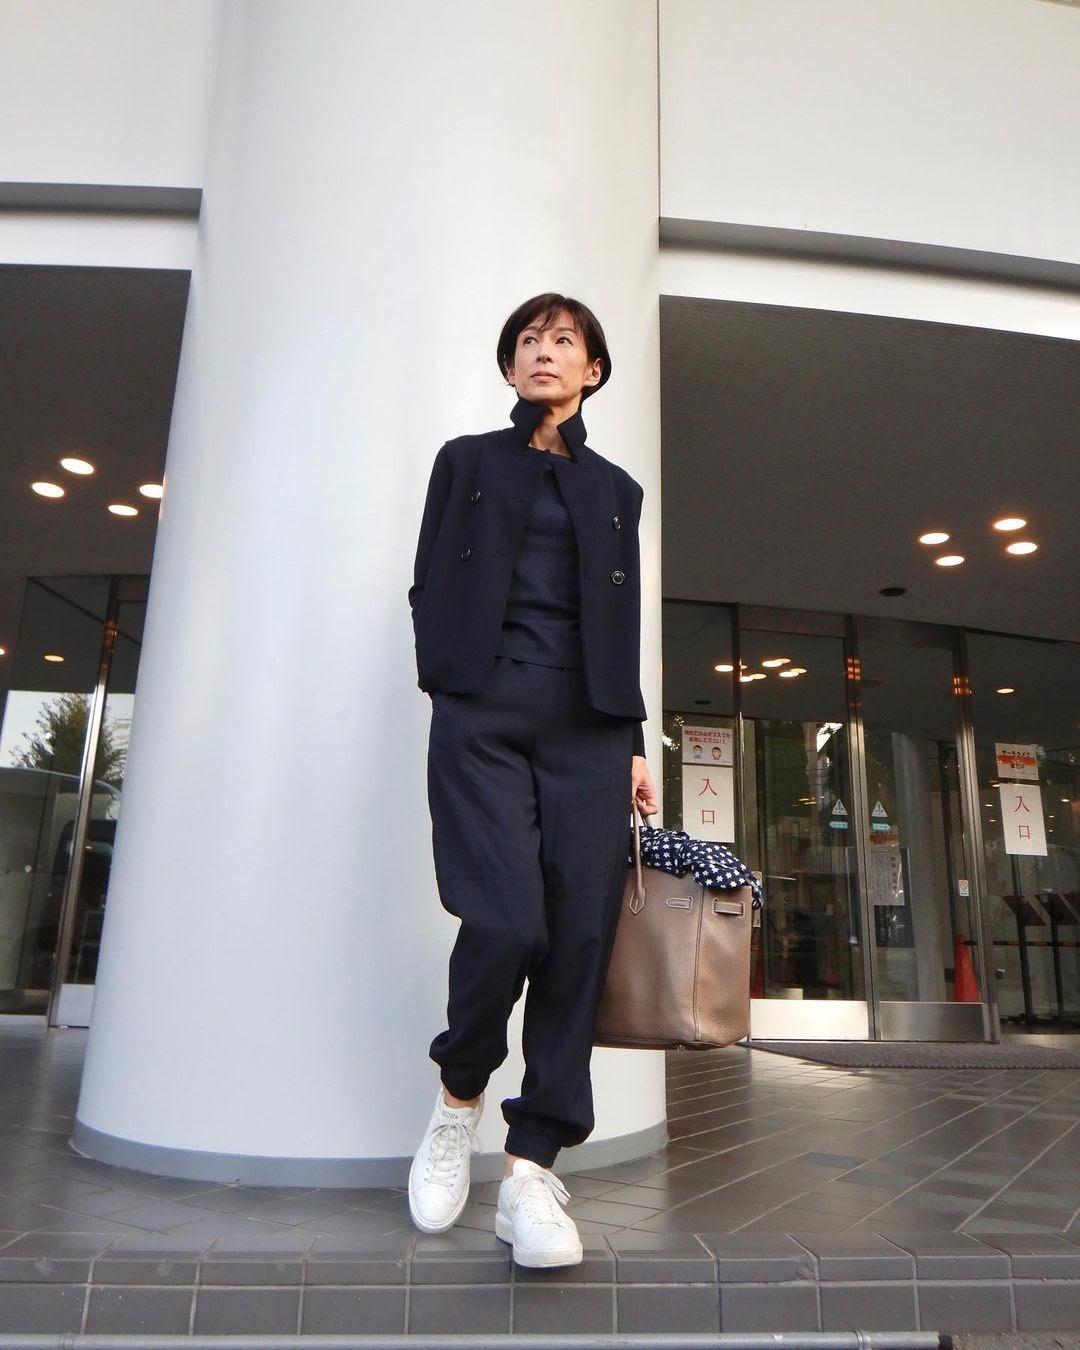 鈴木保奈美分享最近工作時的休閒穿搭,單品細節引來粉絲討論。(翻攝自鈴木保奈美IG)